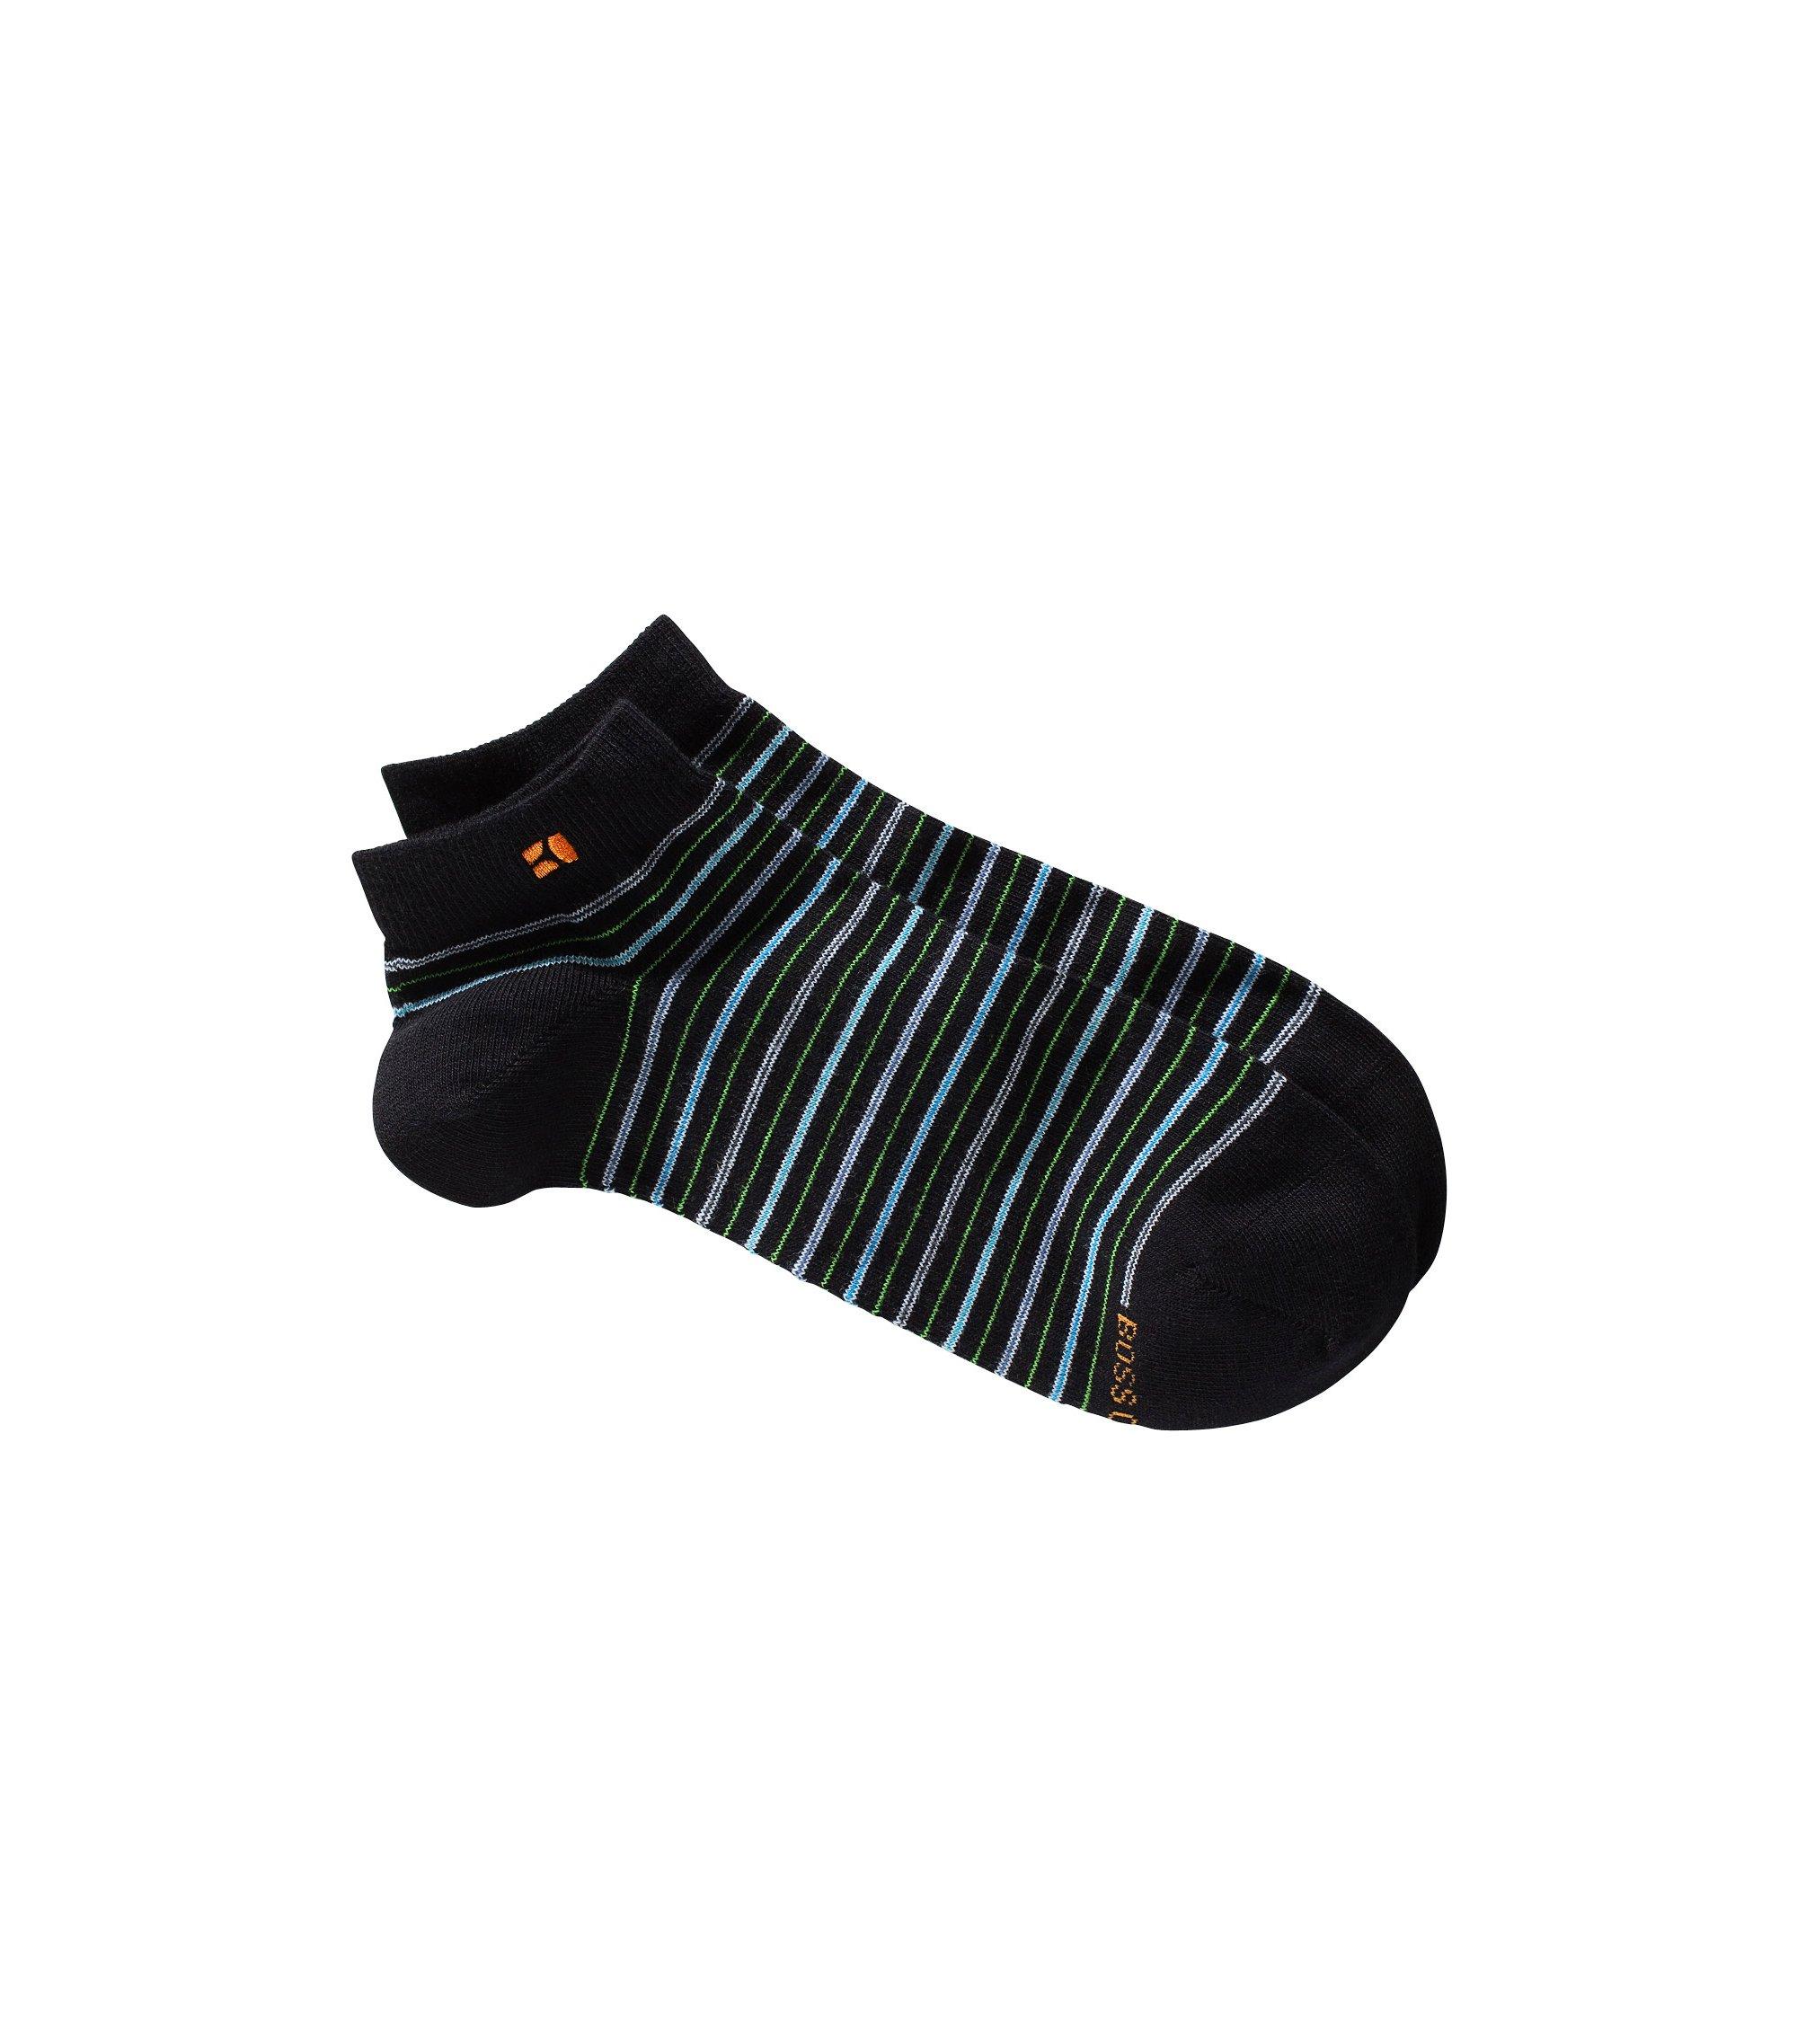 Designer-Socken ´AS Design` mit Streifen, Schwarz